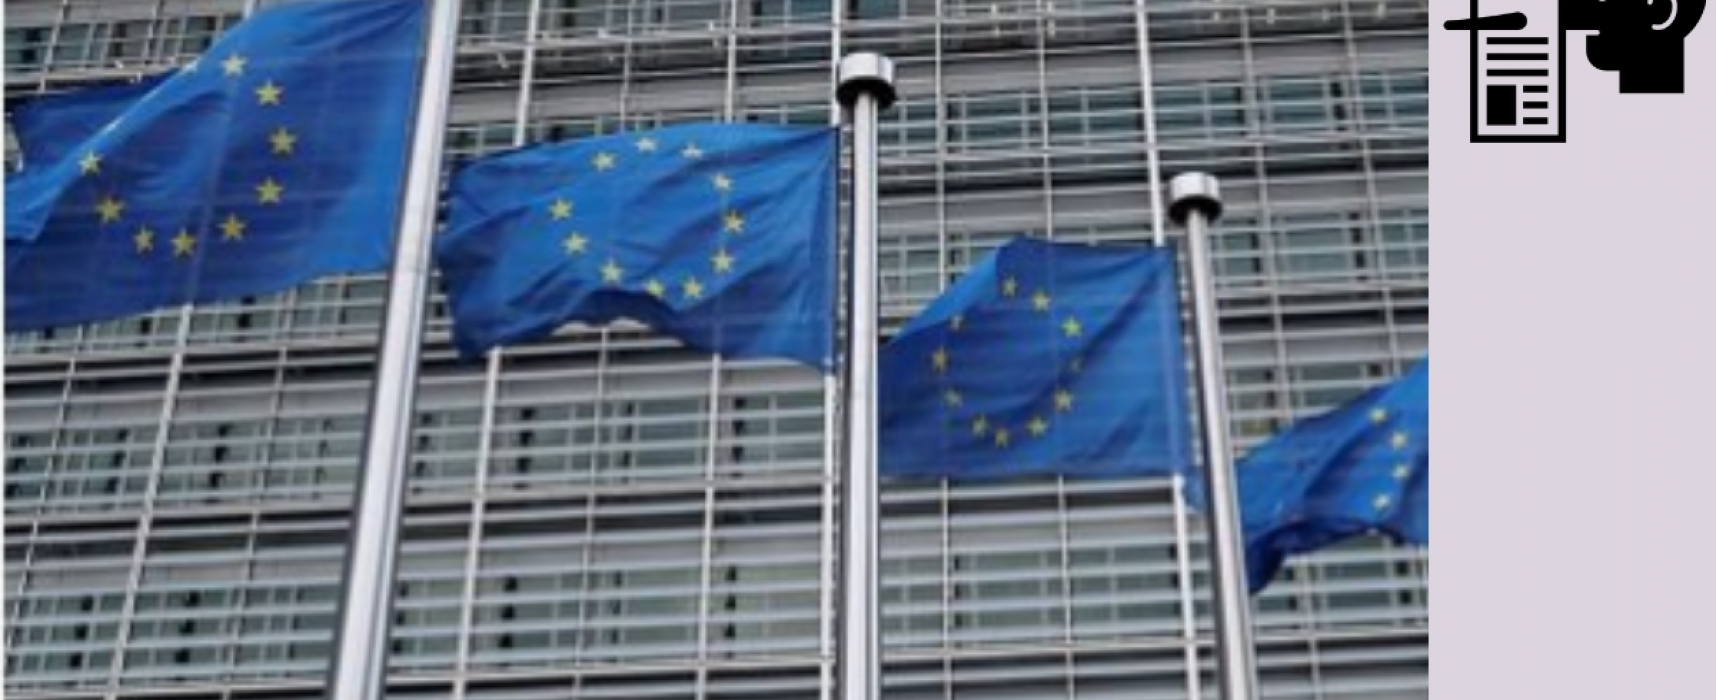 Фейк: представництво Криму розпочне роботу в Євросоюзі